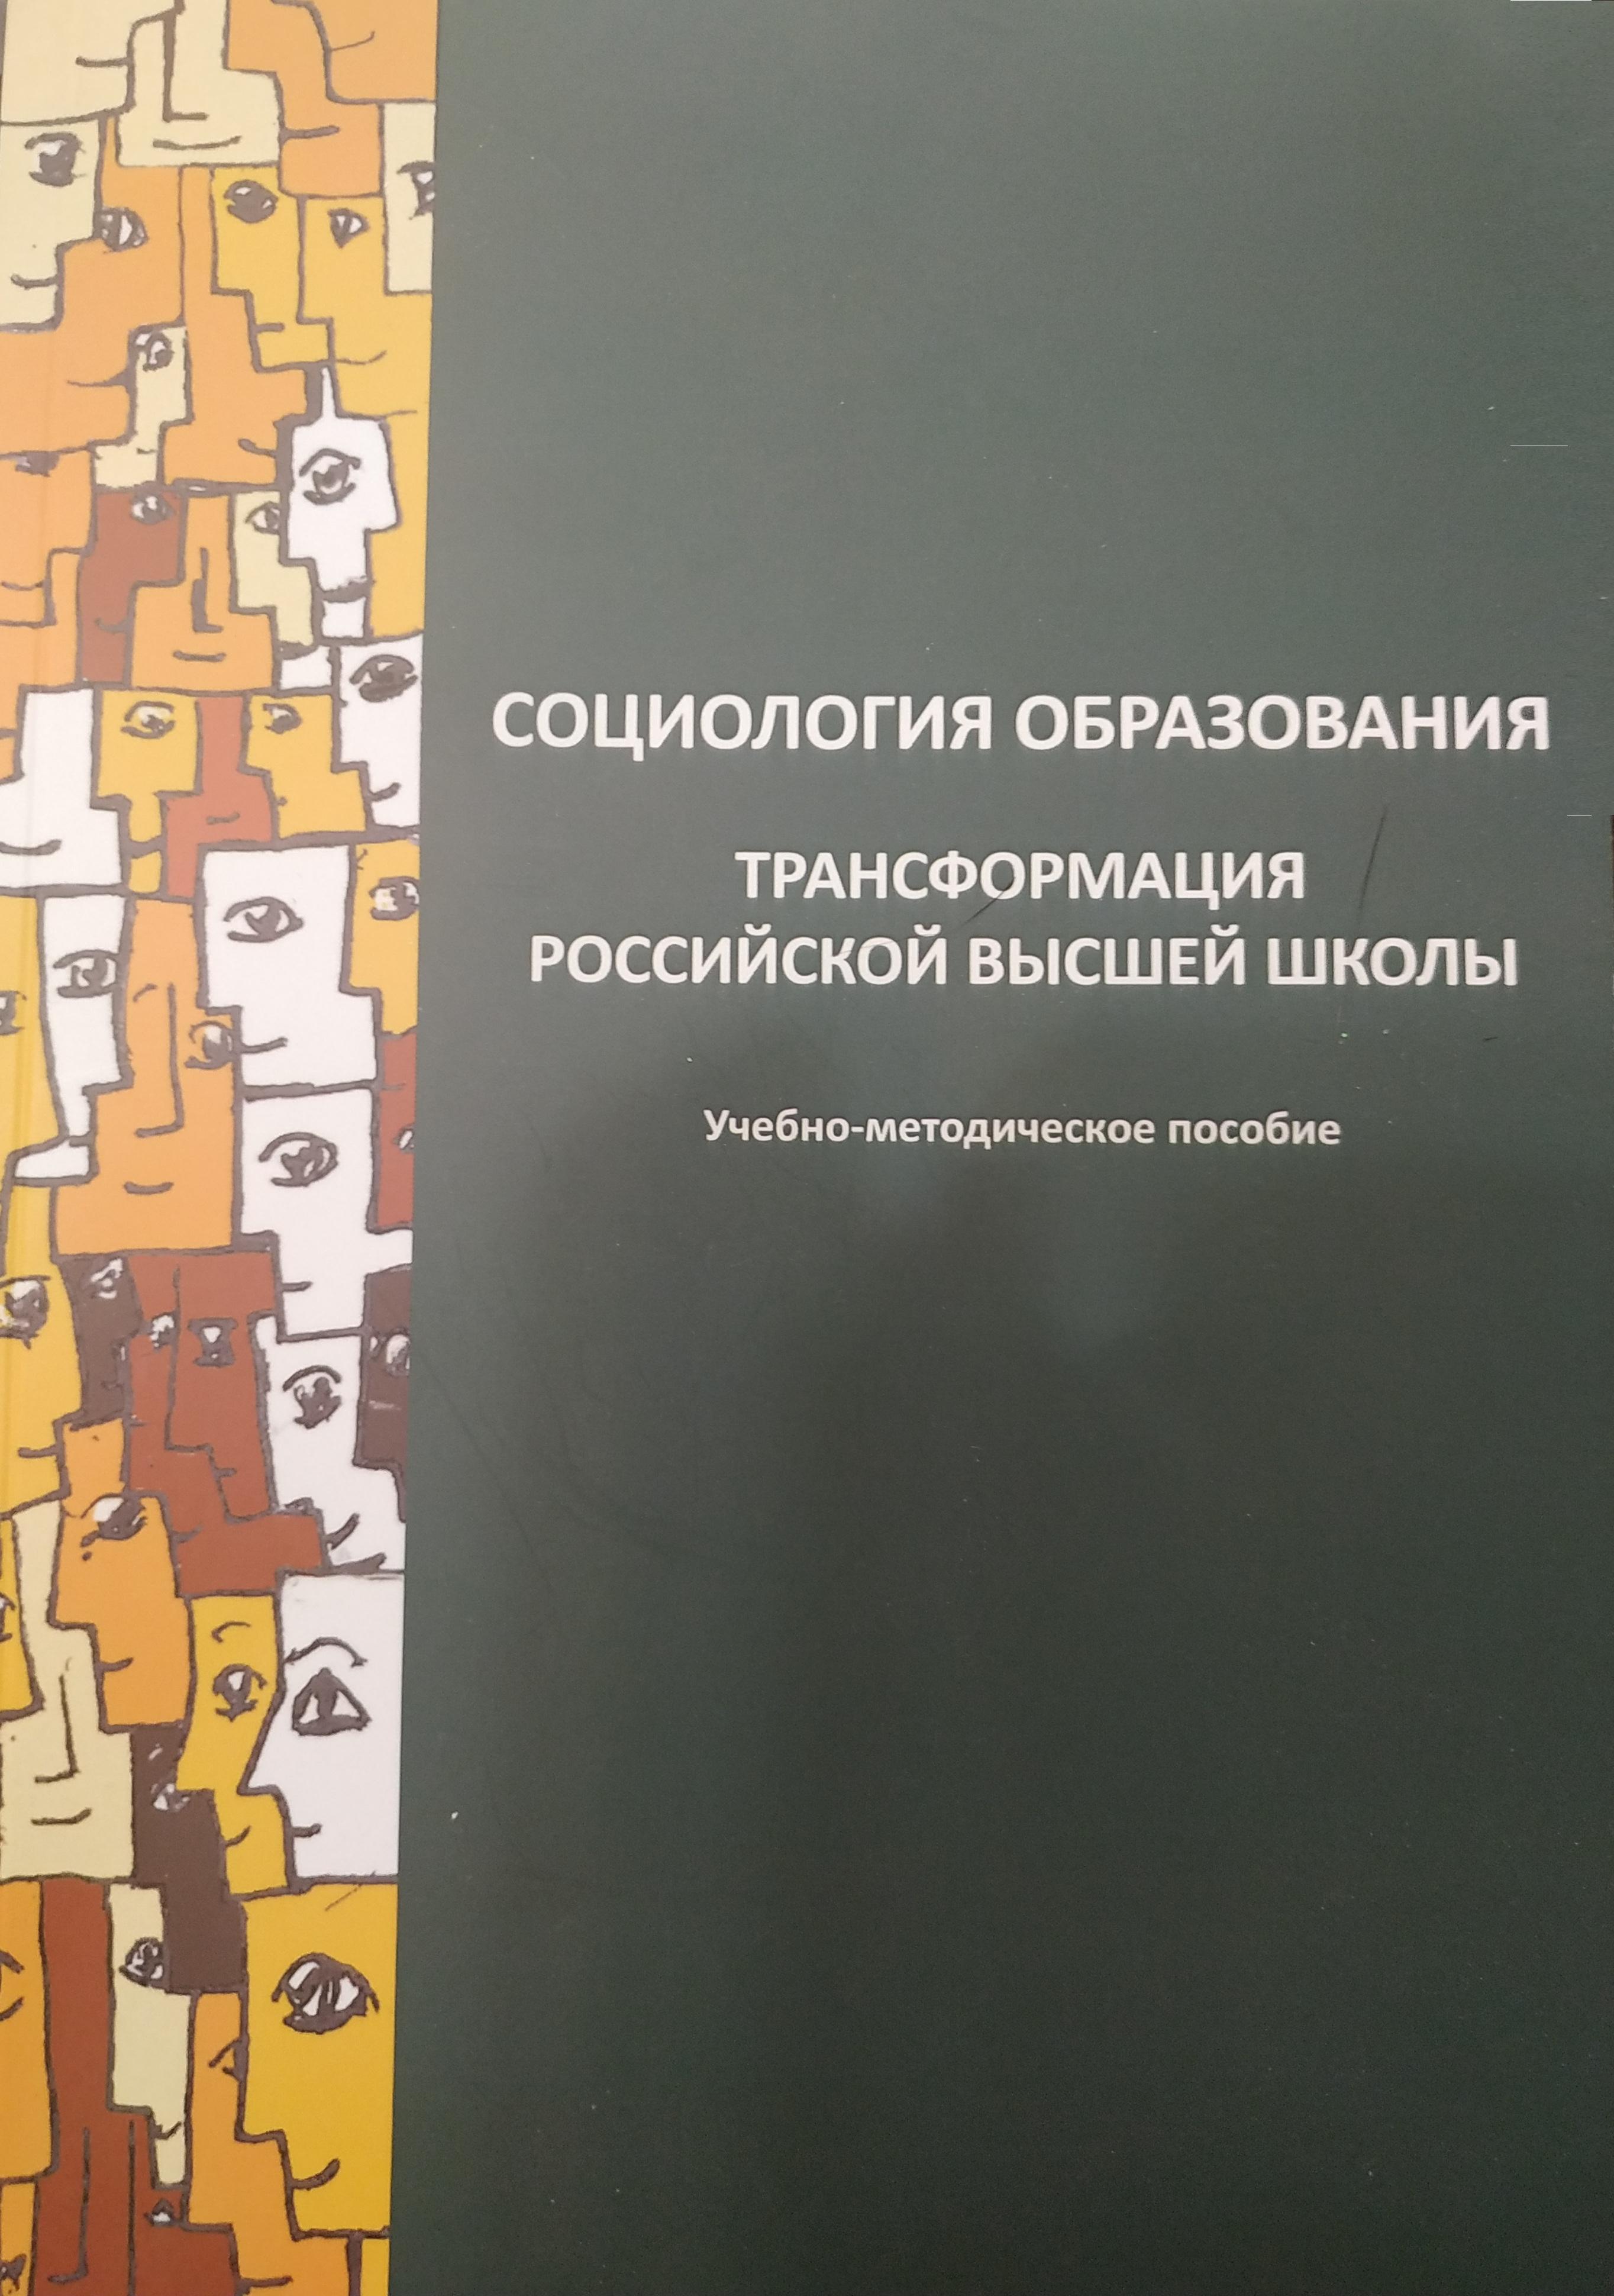 Социология образования: трансформация российской высшей школы